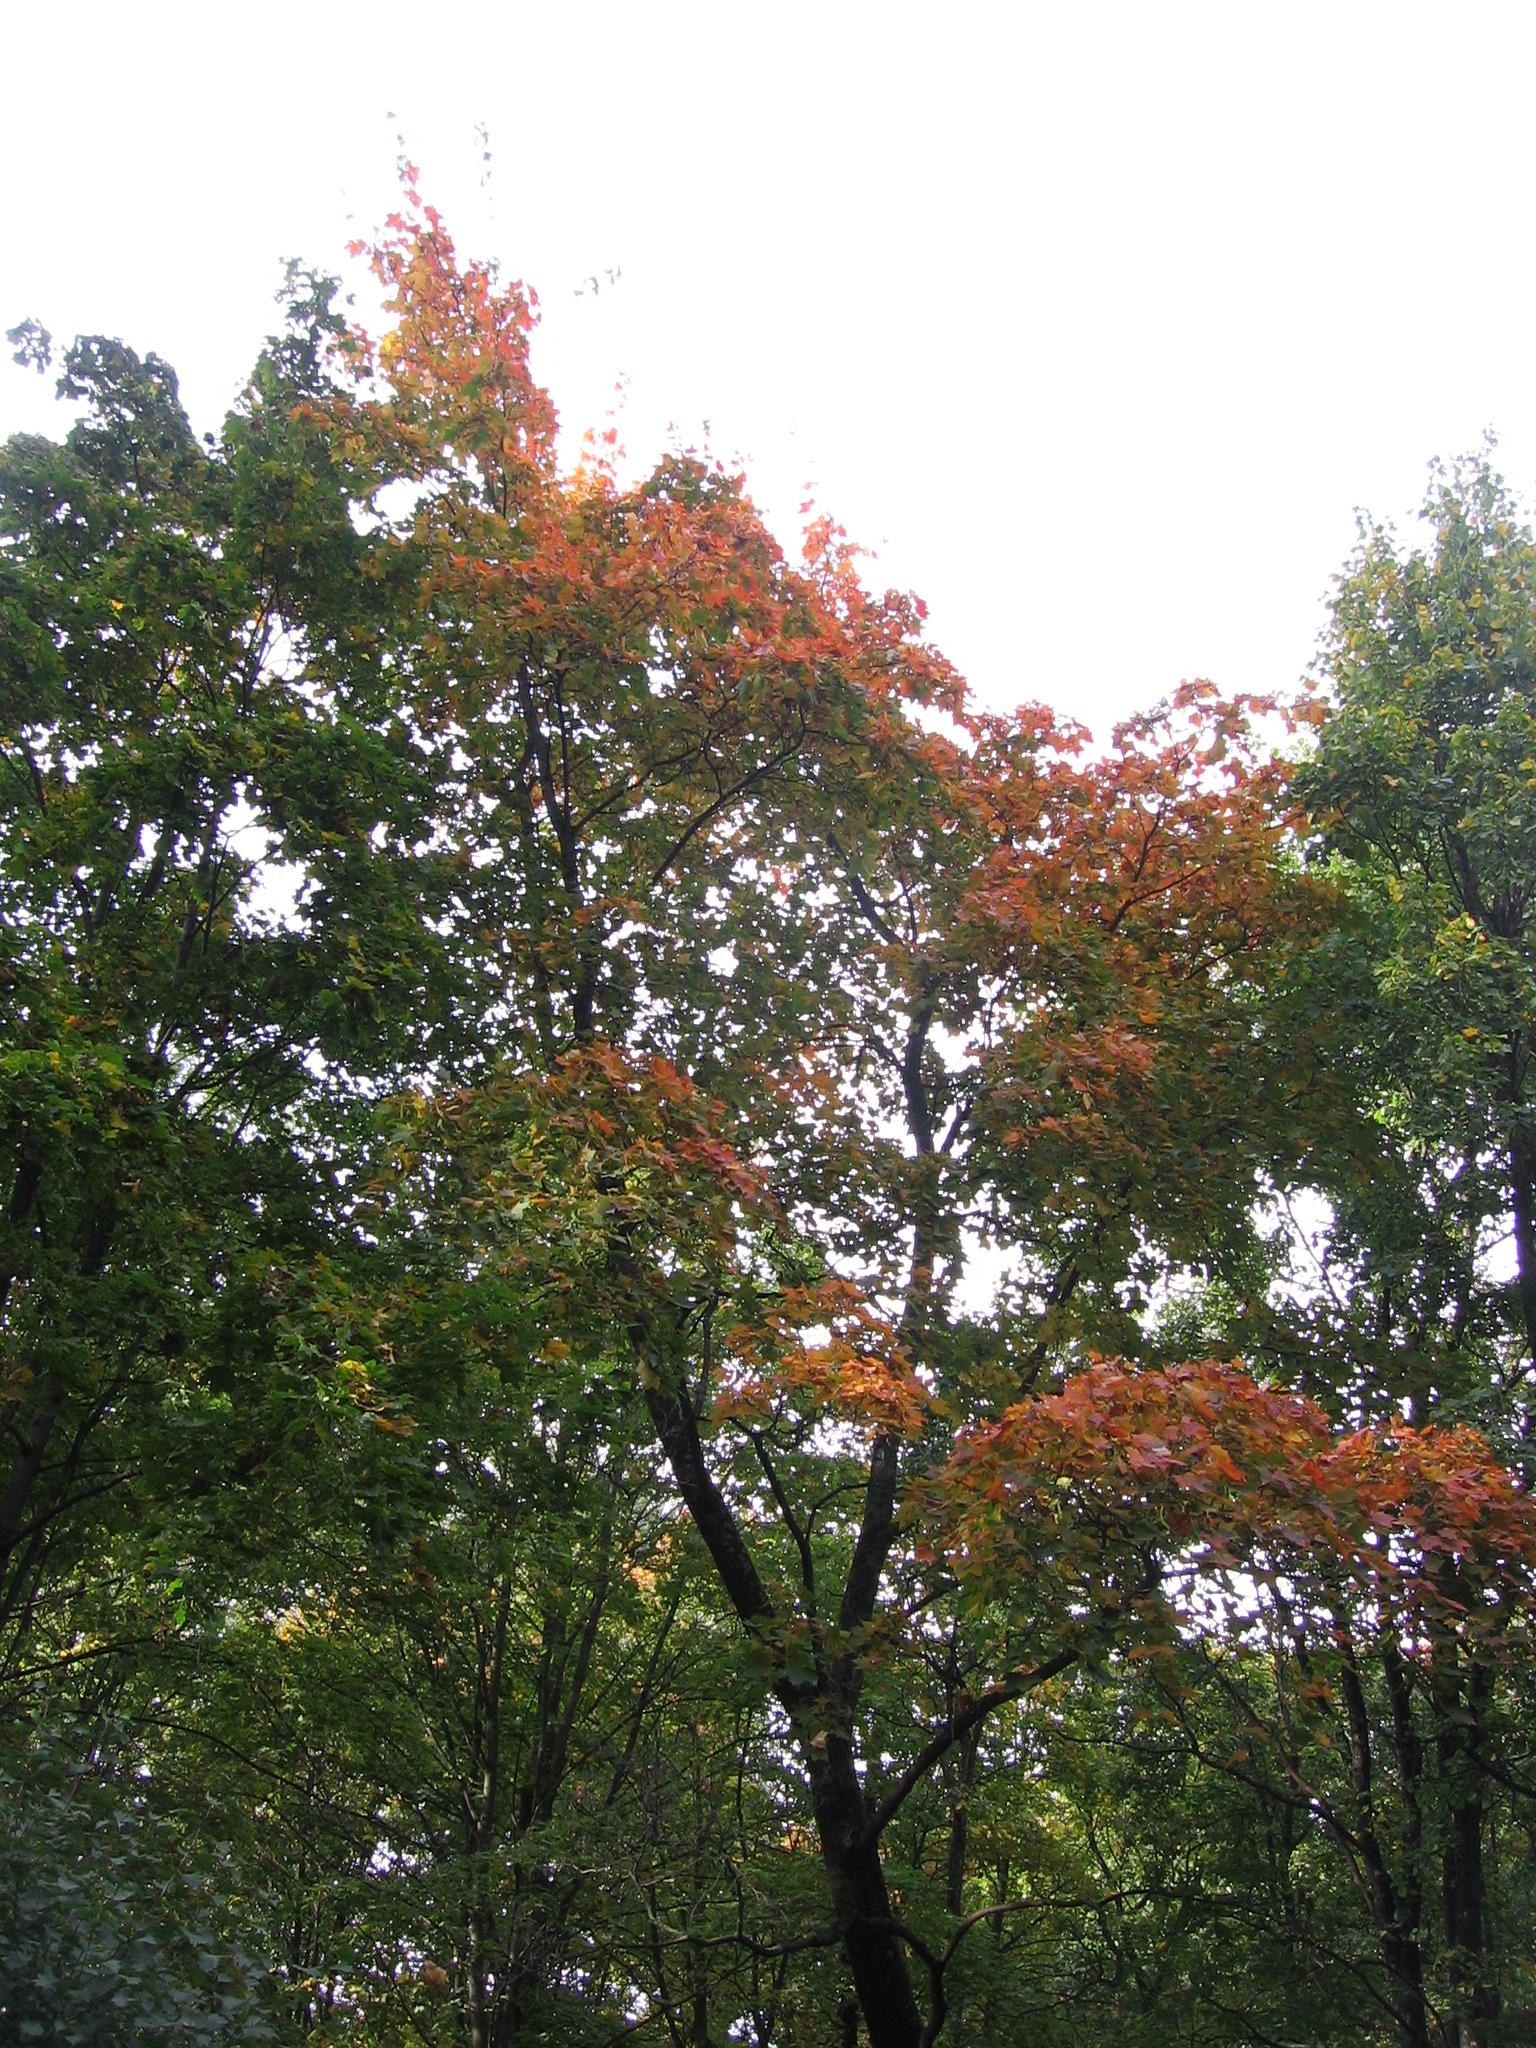 Фото конкурс: Осень в моем городе  5169766beffe